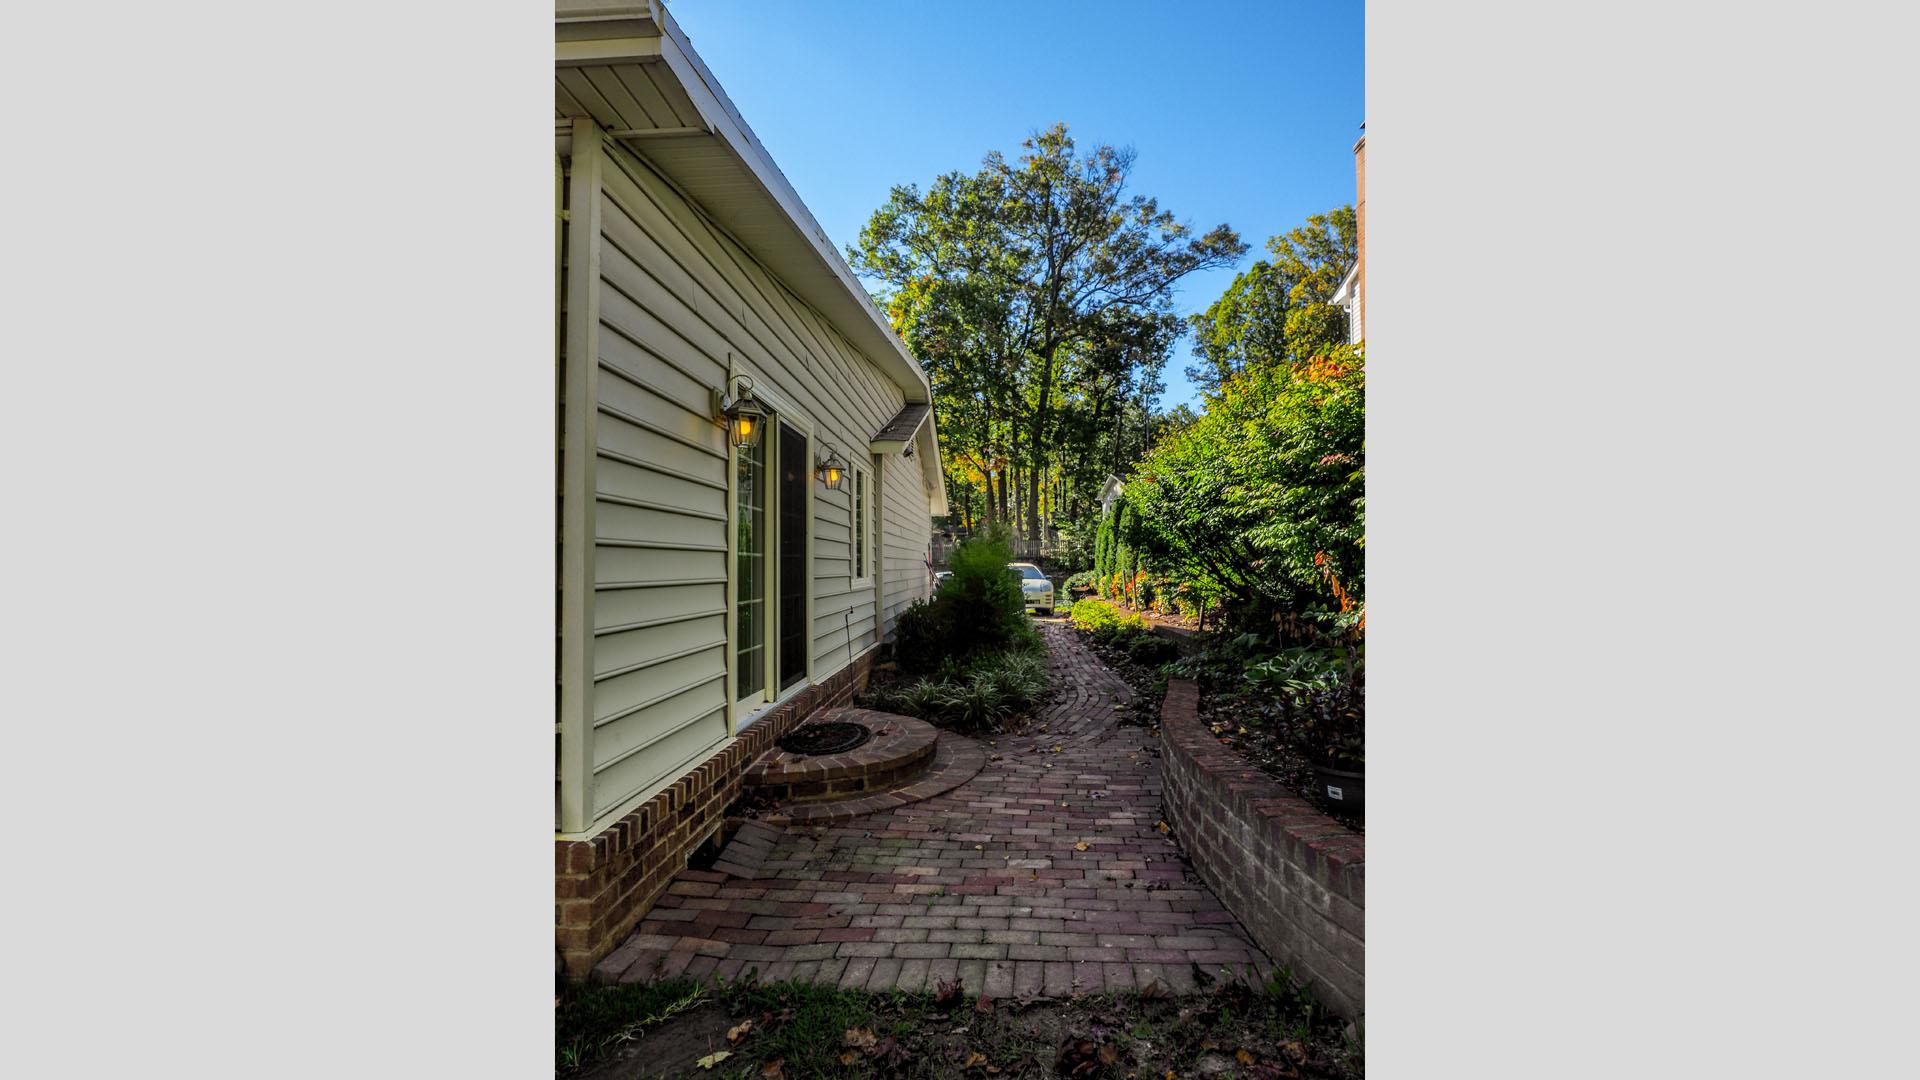 2015 NARI Capital CotY Merit Award Winner, Residential Addition Under $100,000